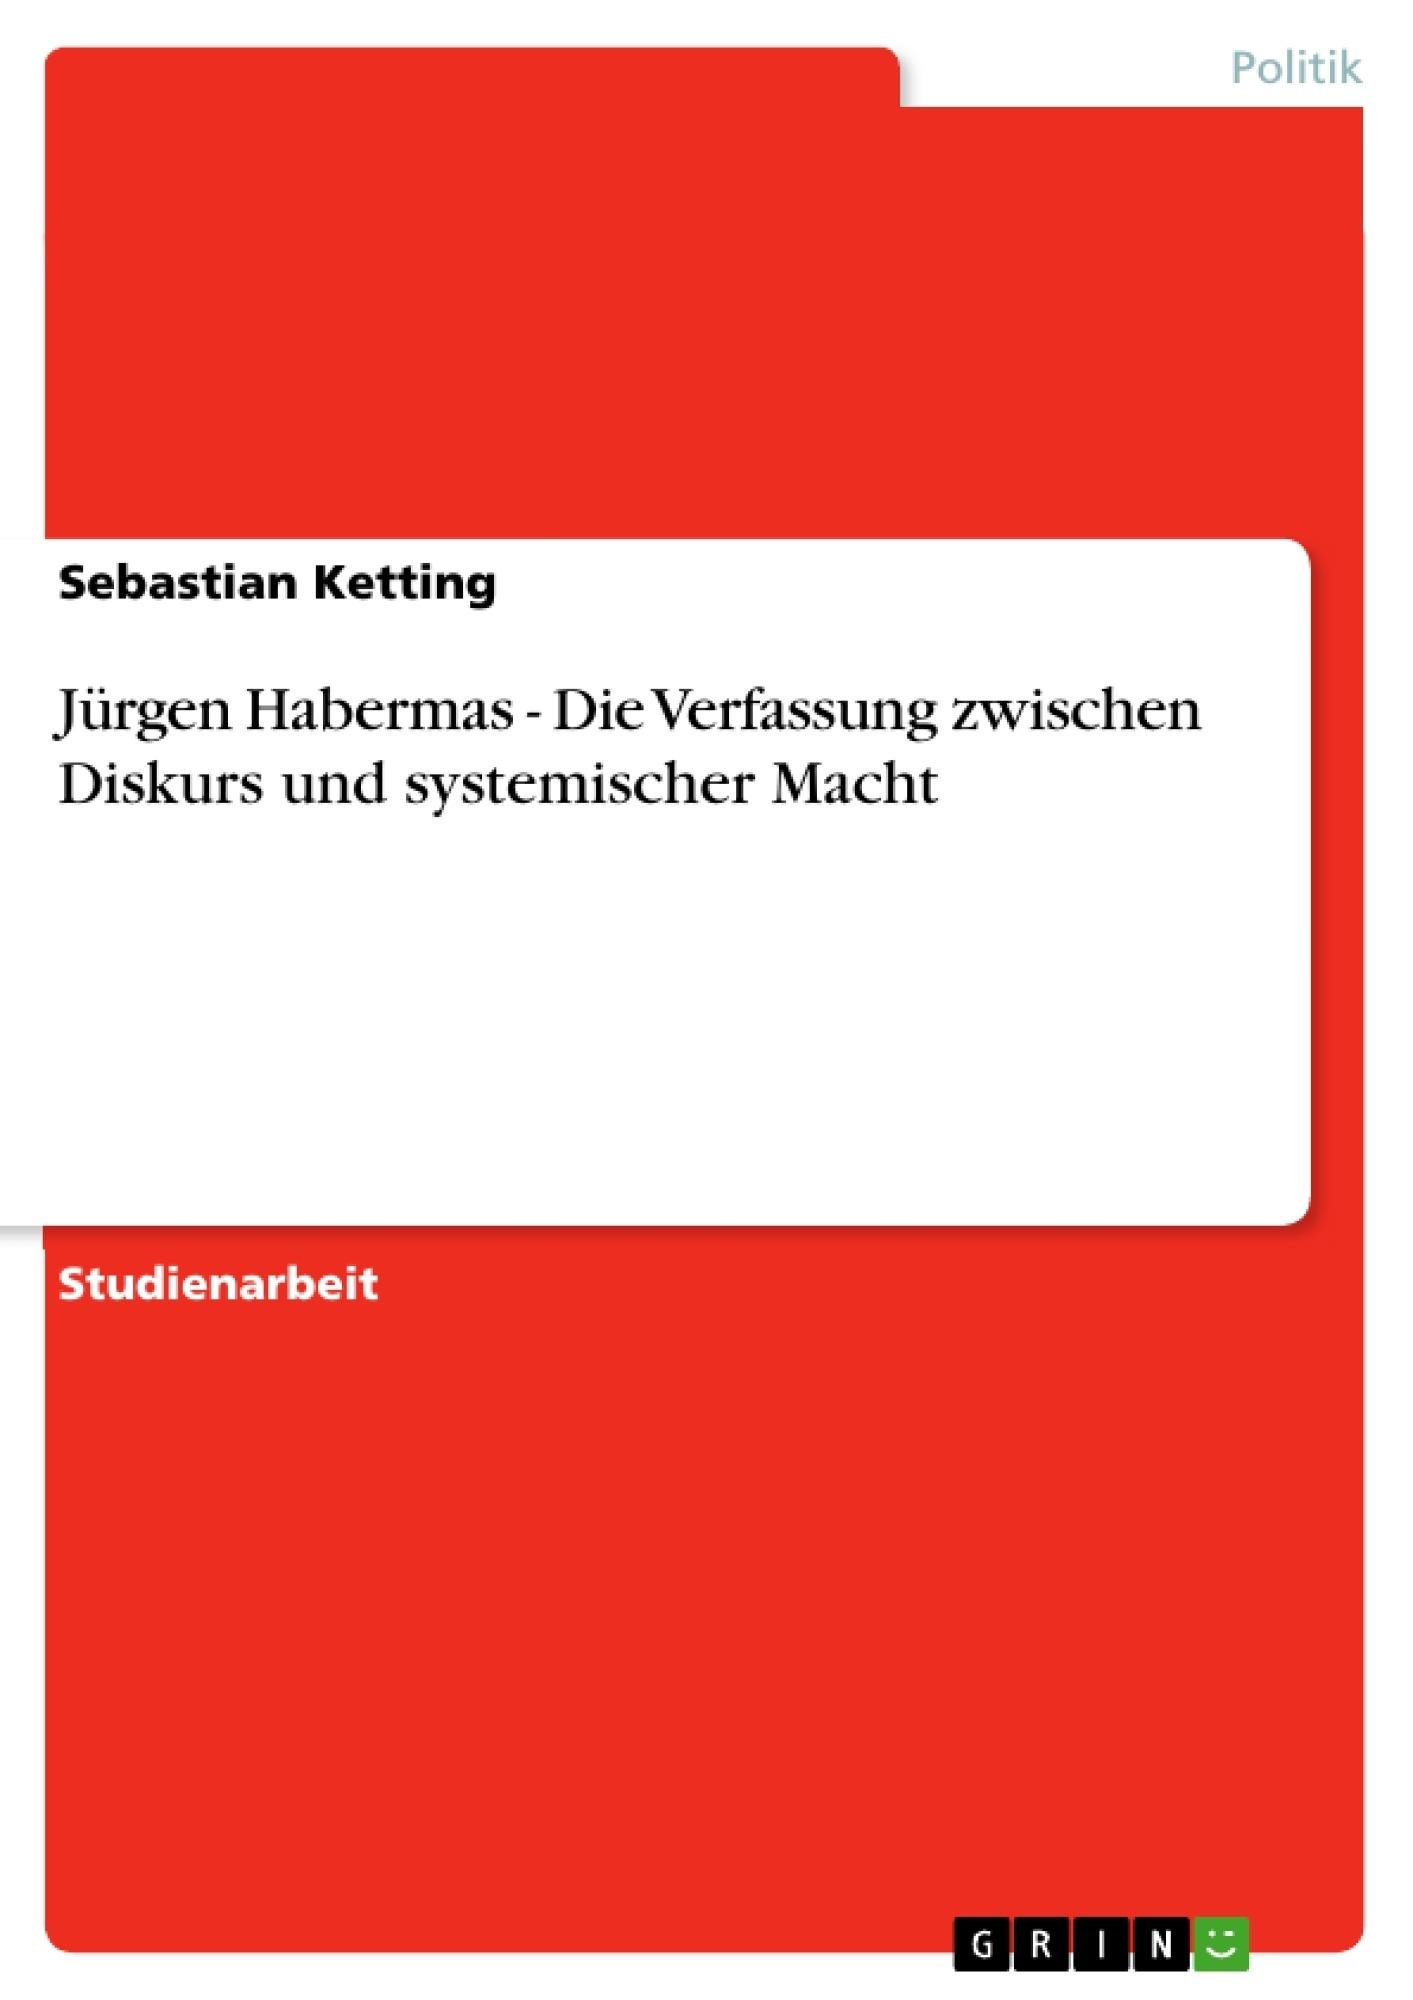 Titel: Jürgen Habermas - Die Verfassung zwischen Diskurs und systemischer Macht